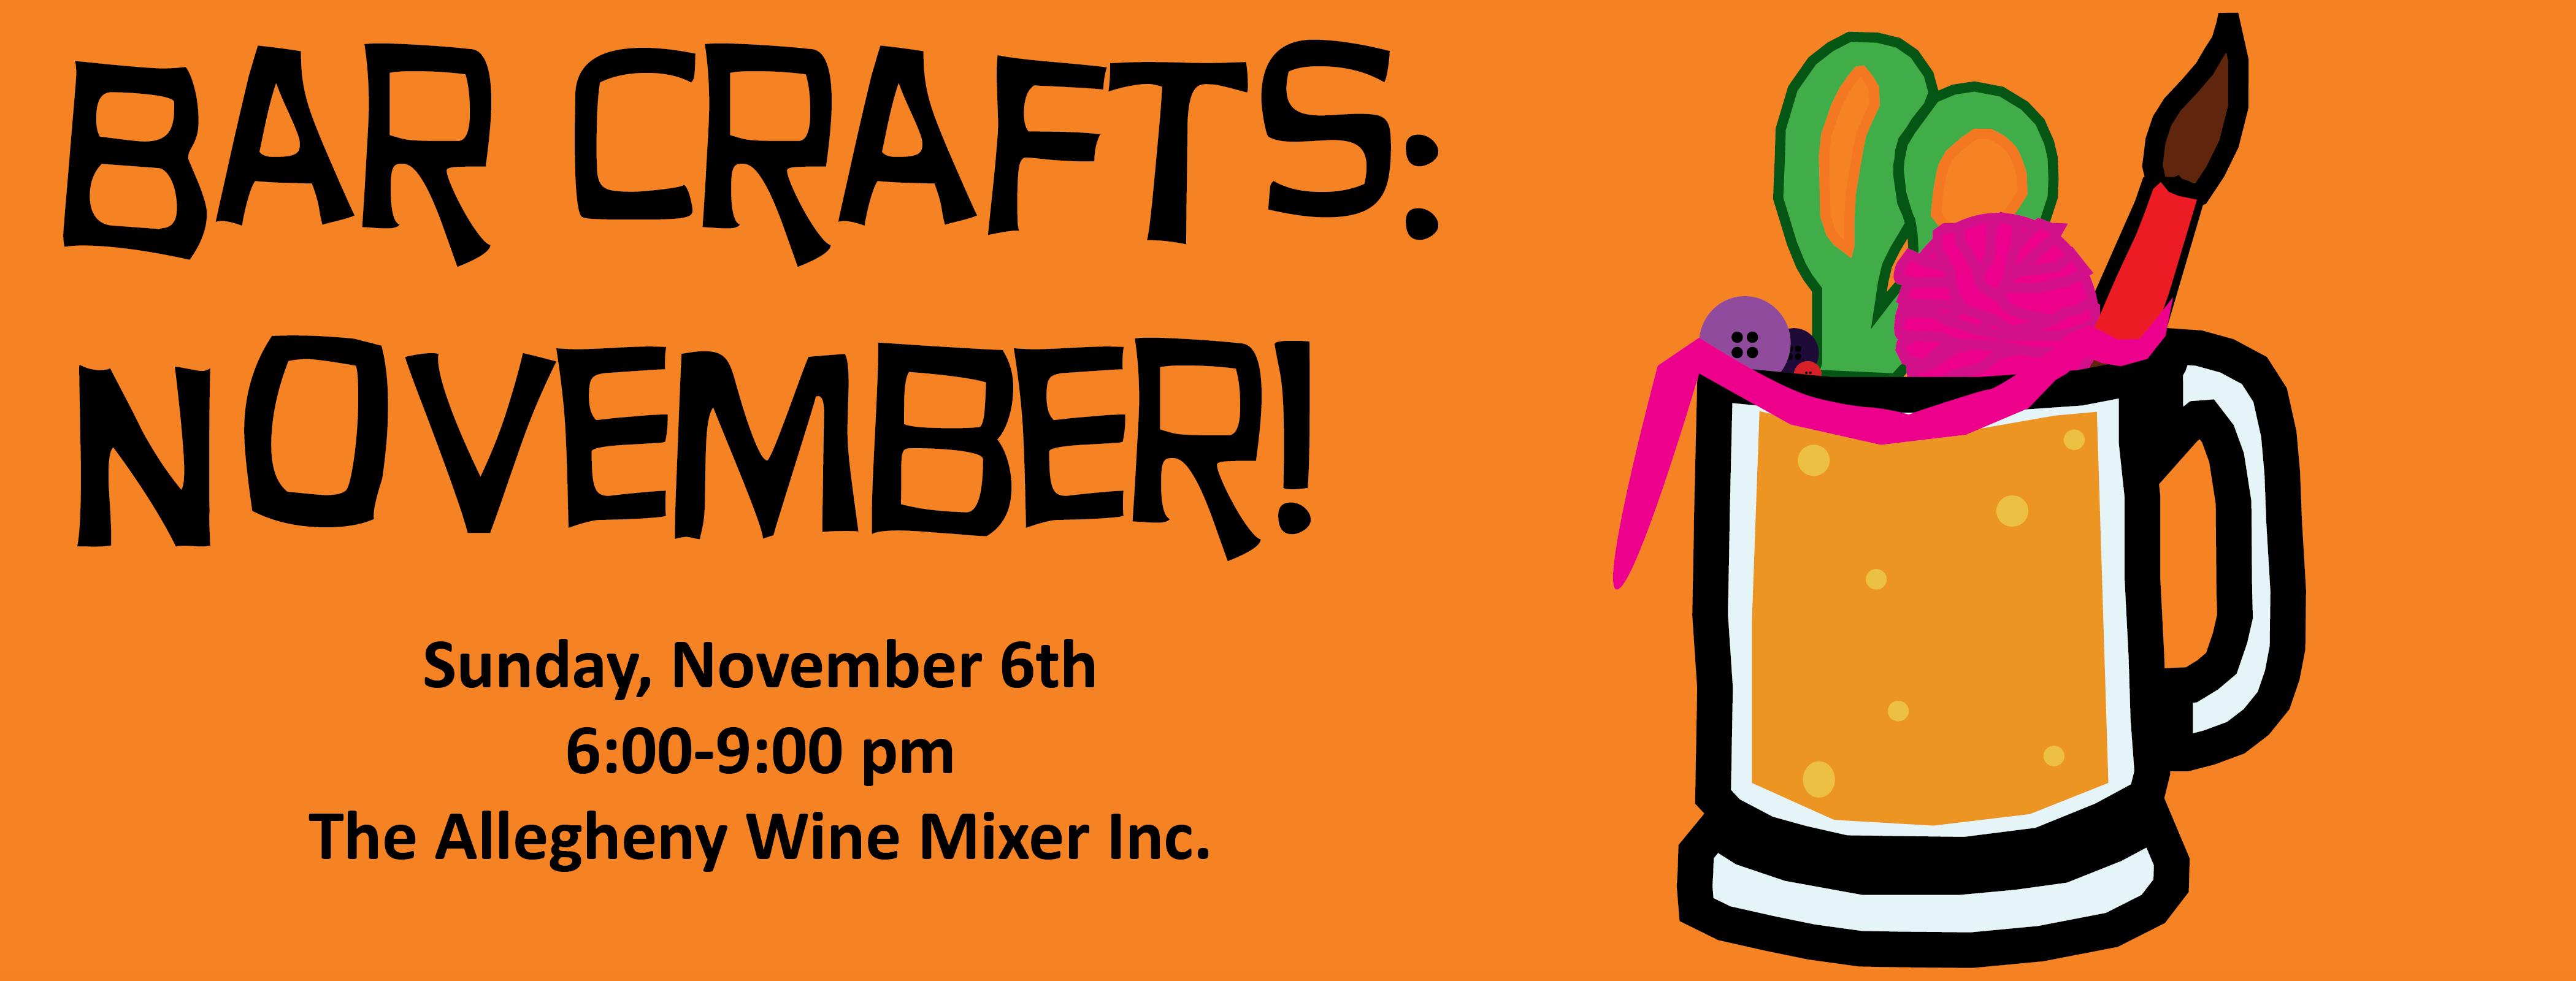 bar-crafts-banner-16p